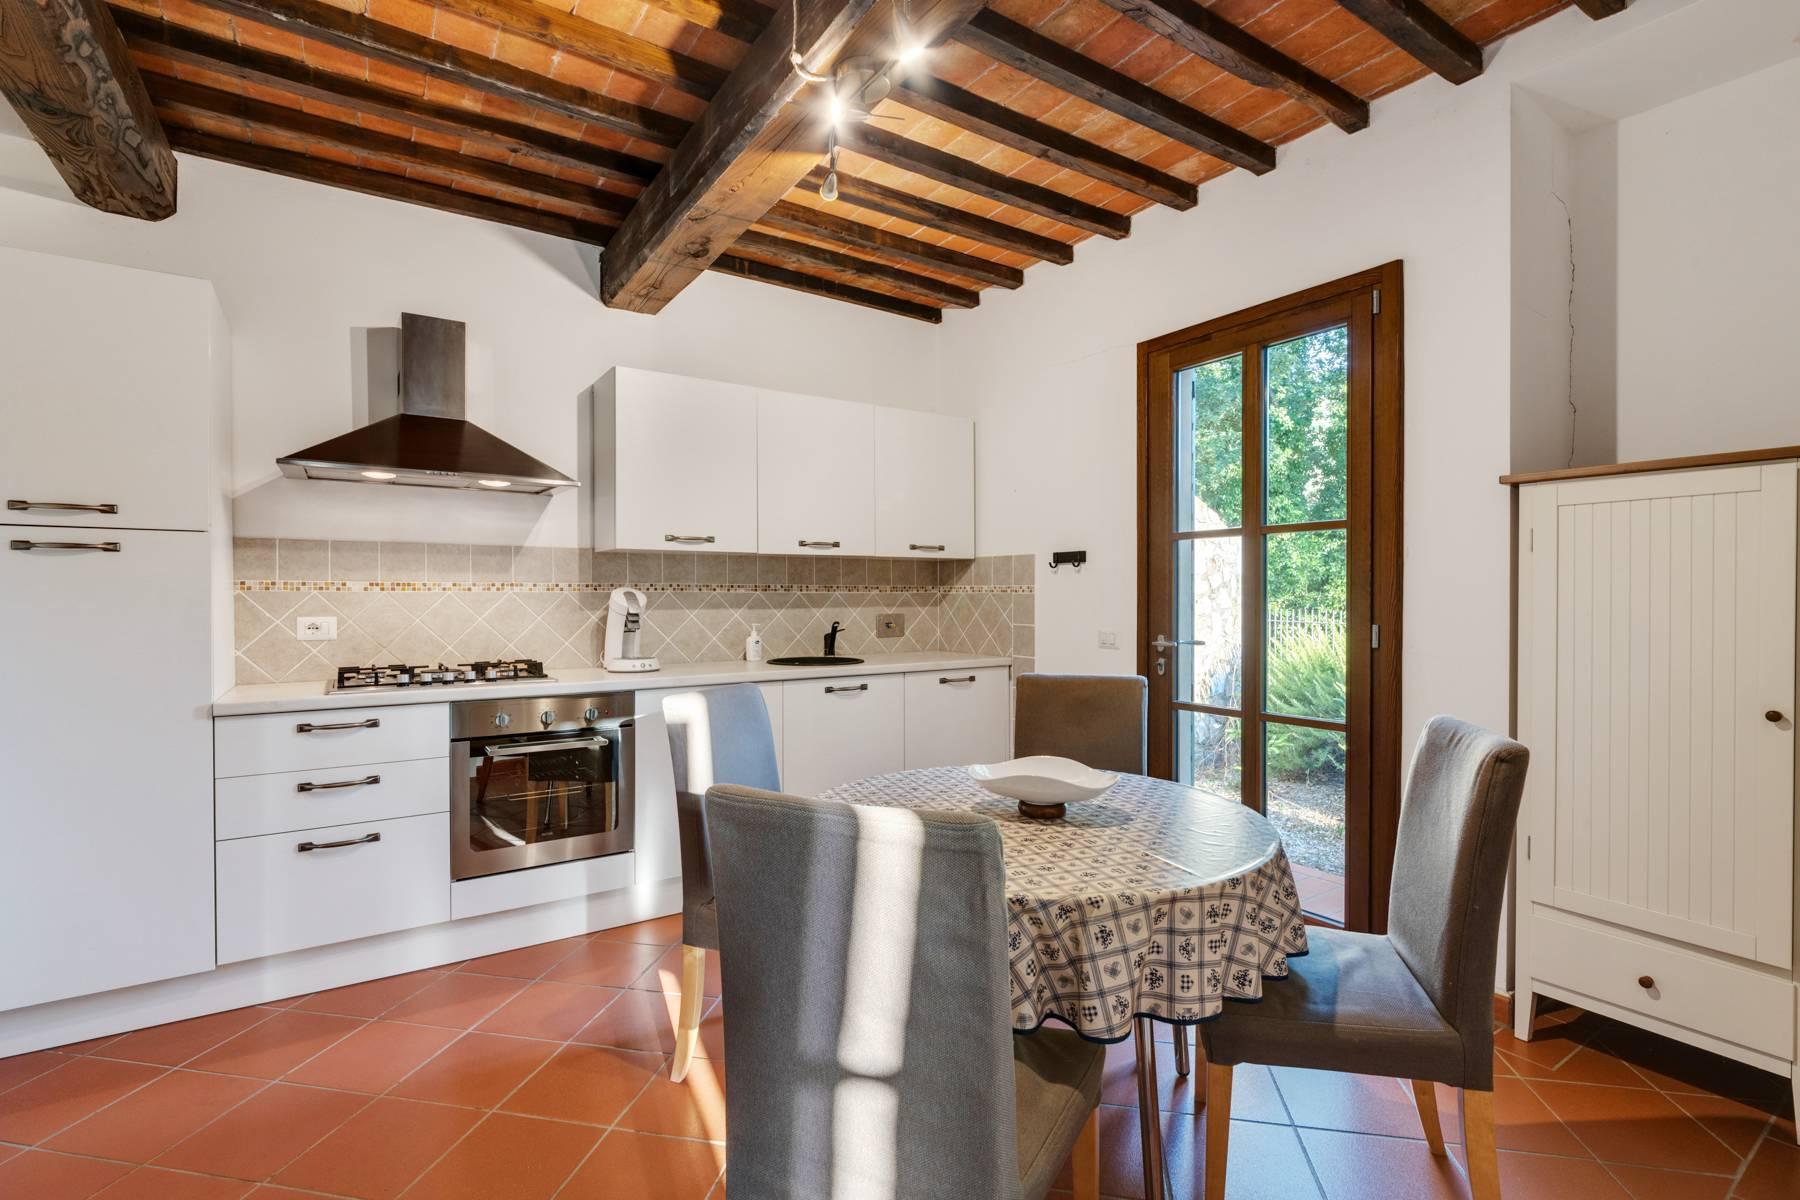 Rustico in Vendita a Monsummano Terme: 5 locali, 380 mq - Foto 11